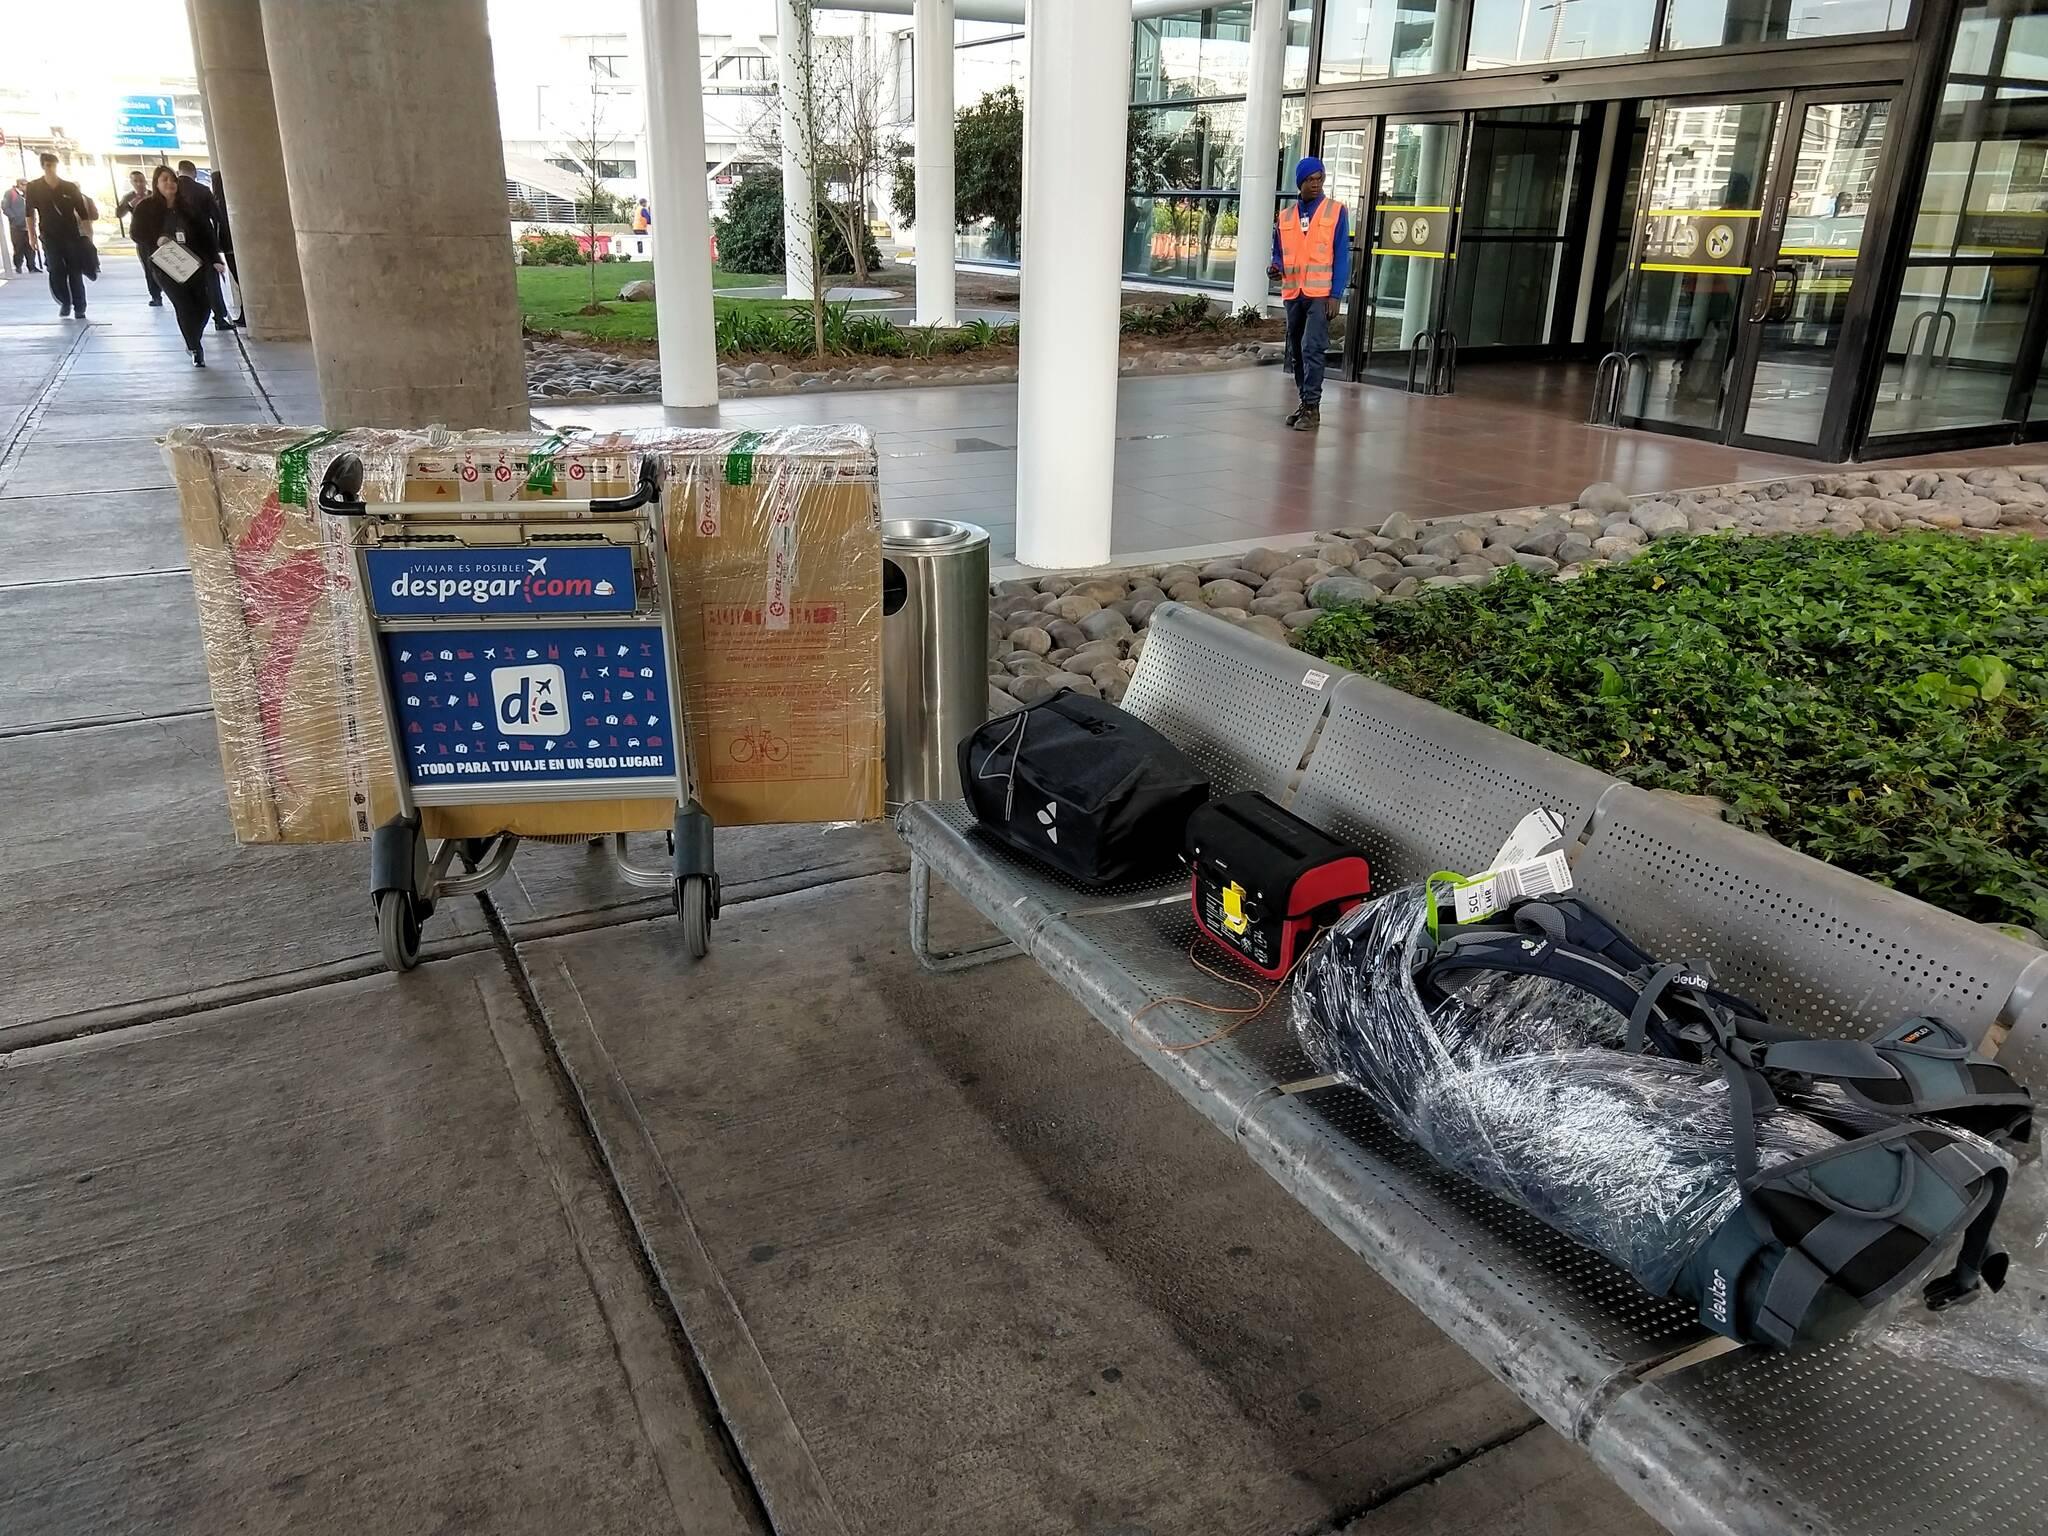 Bagaże dotarły na miejsce, czas na składanie puzzli